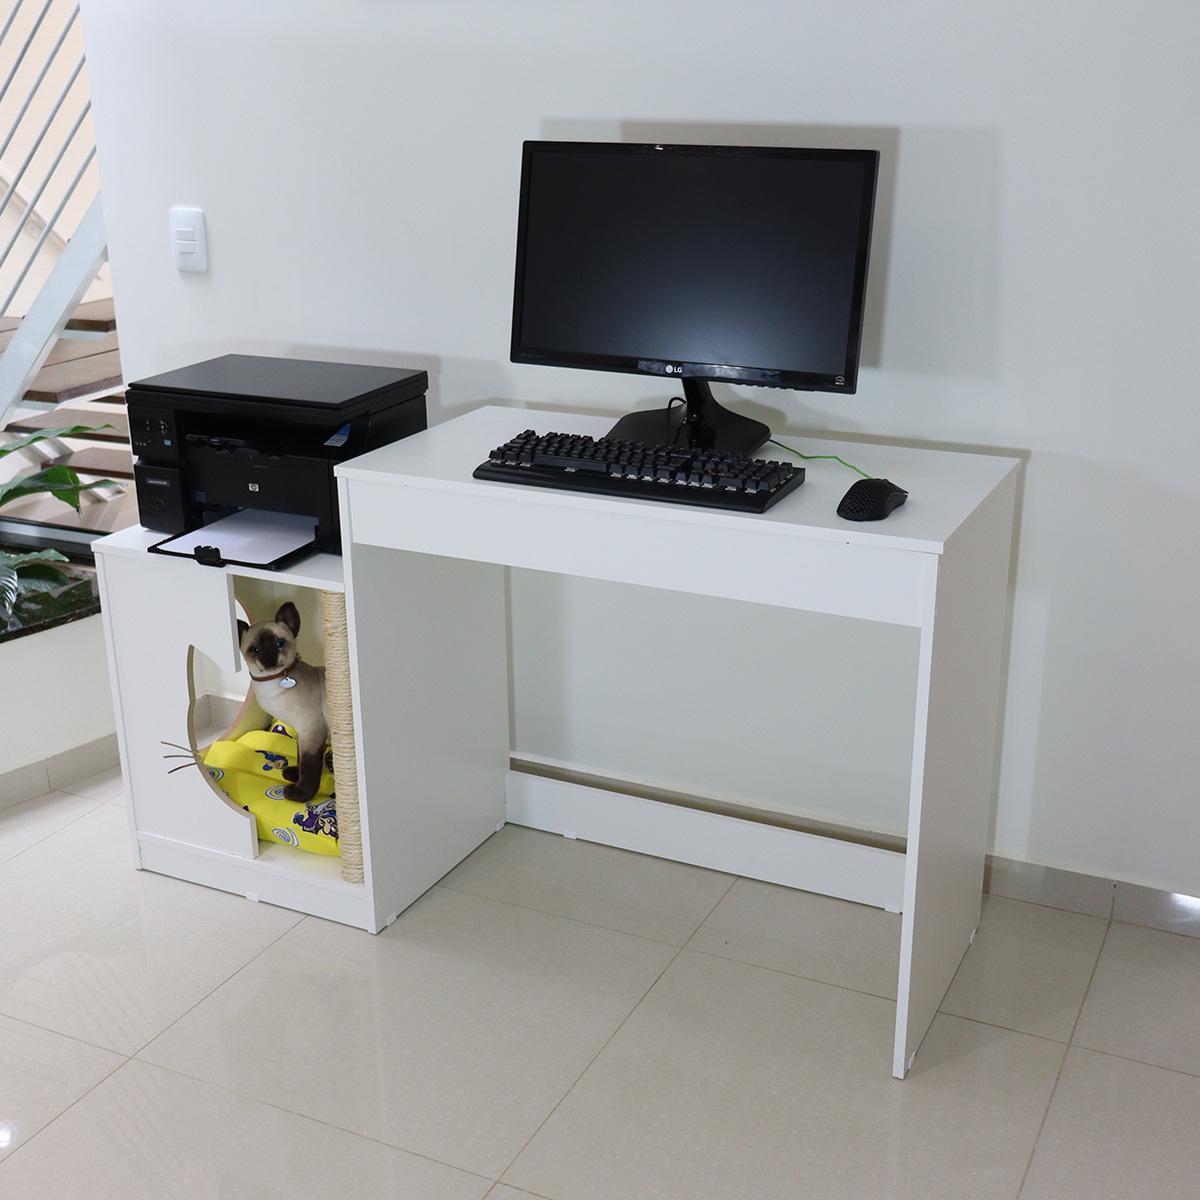 Mesa escrivaninha computador cama pet arranhador nicho gato toca Mufasa